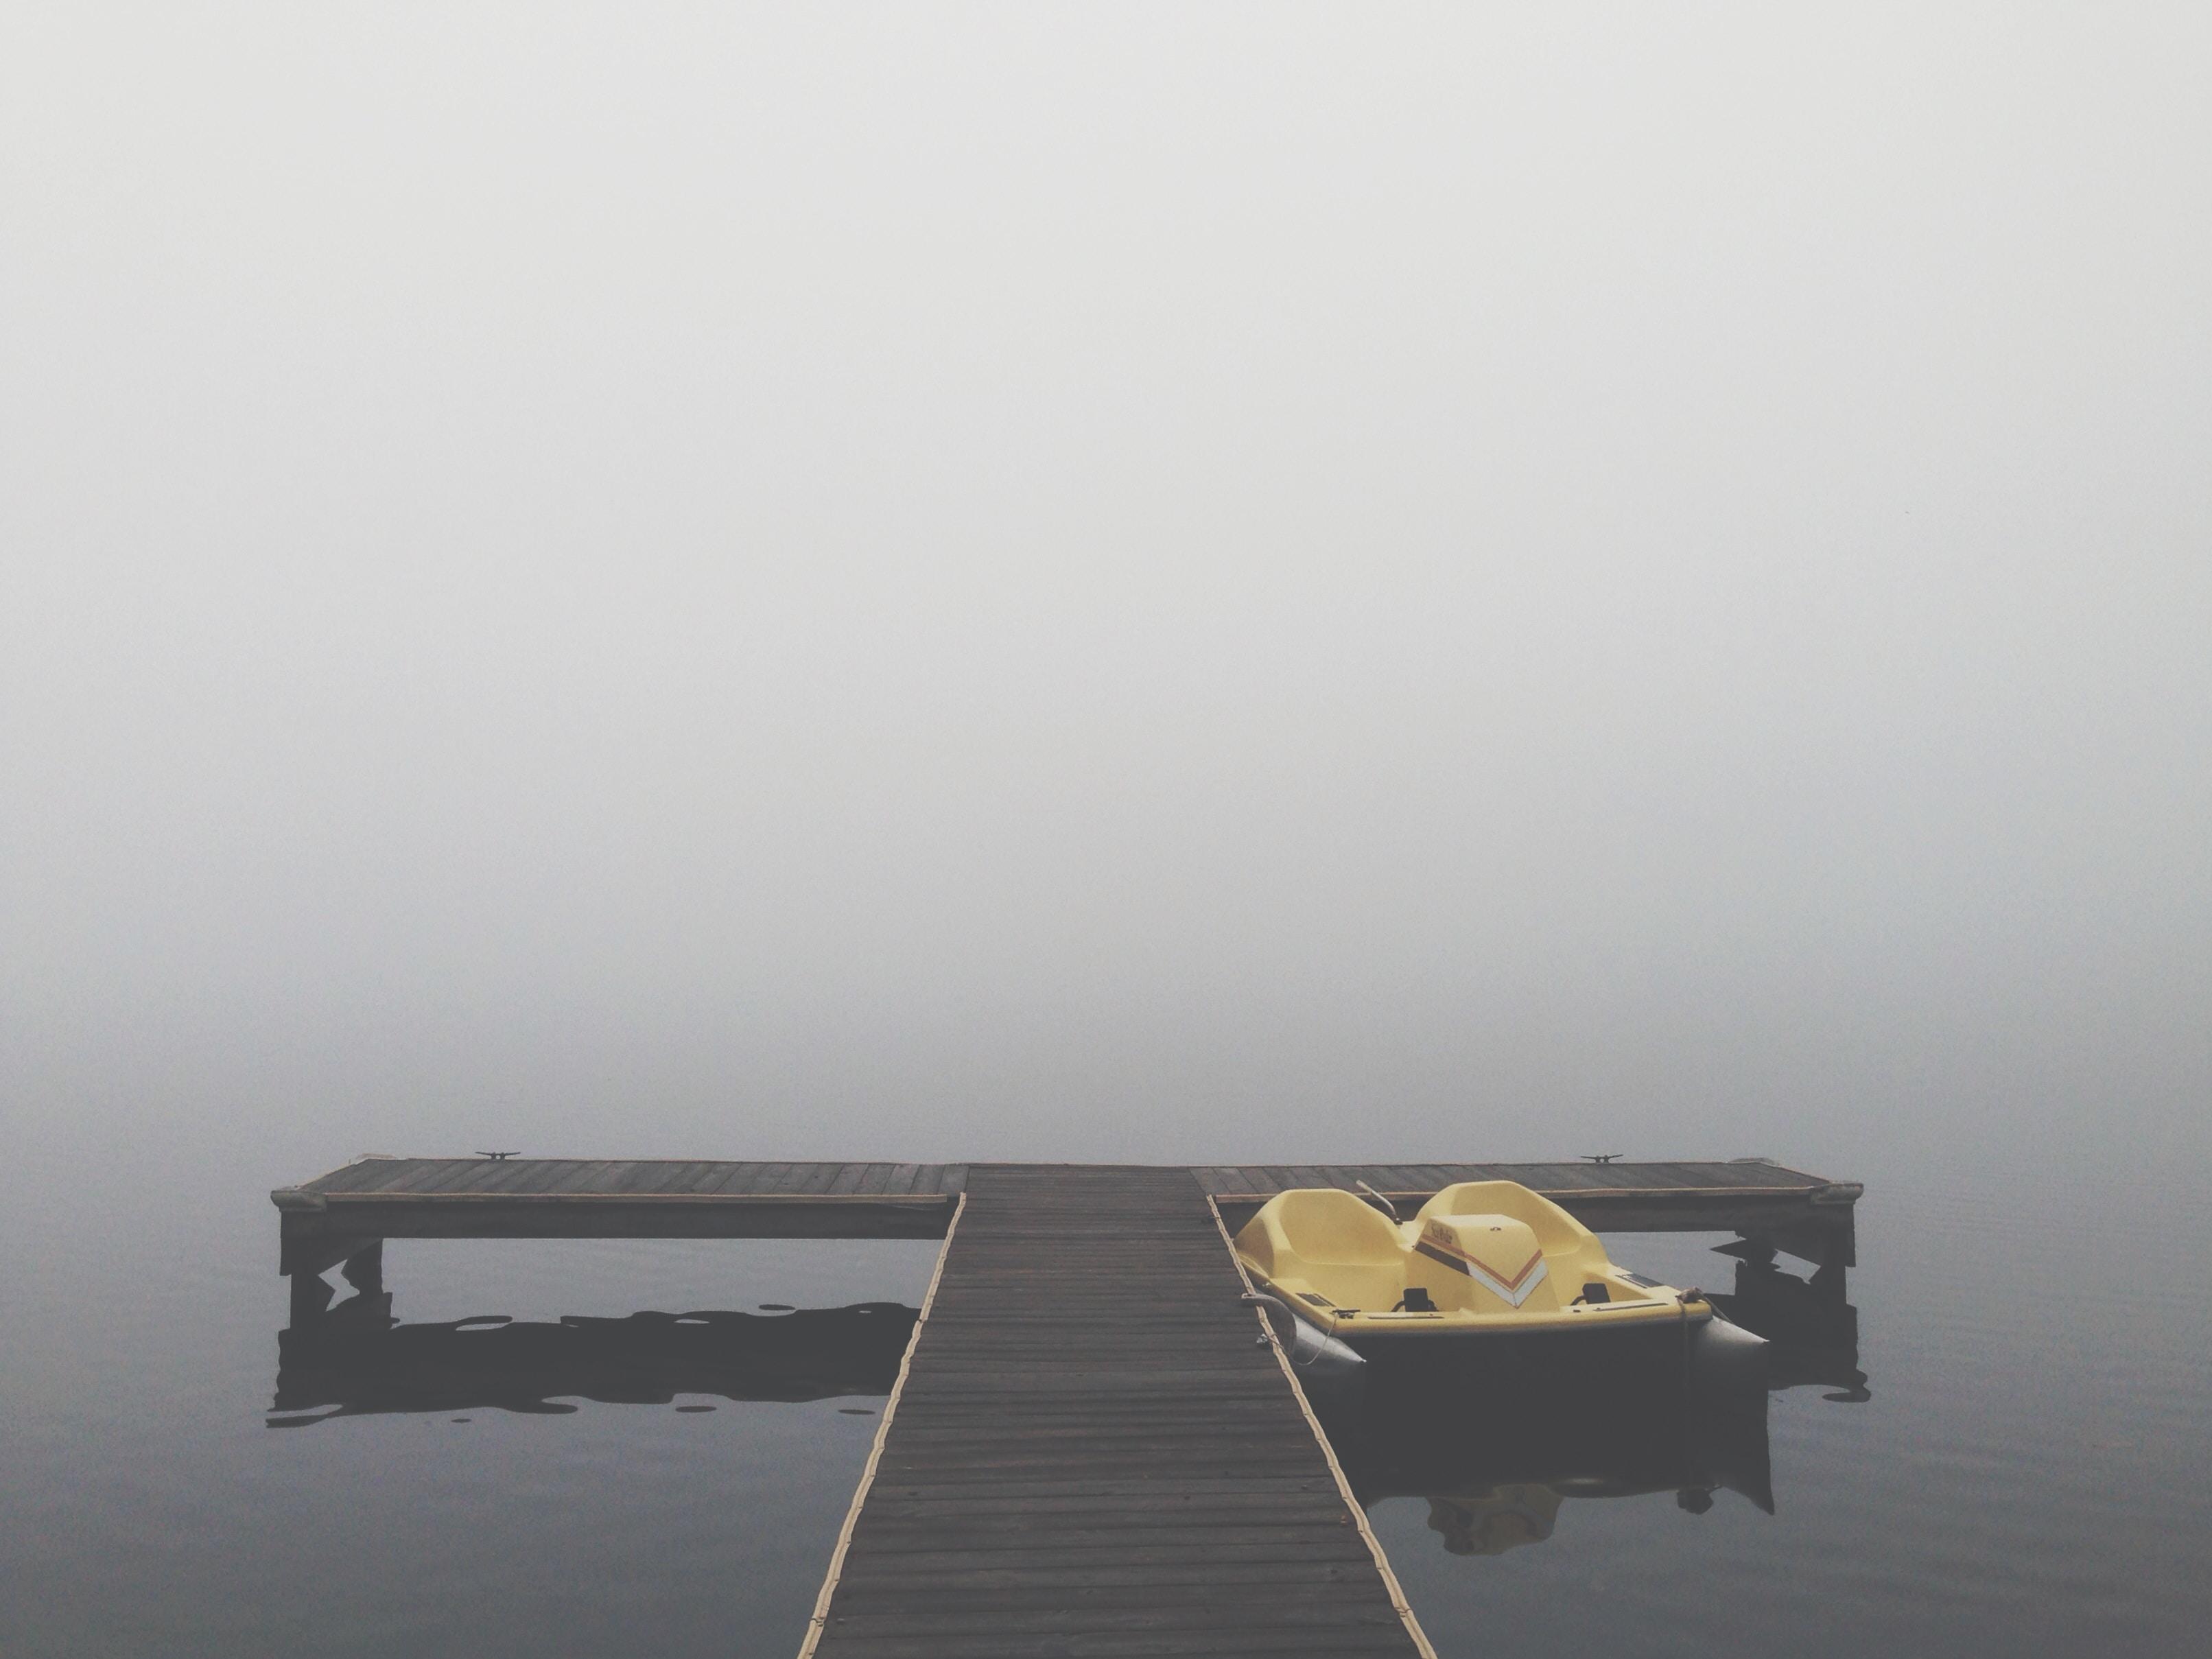 pedal boat beside dock